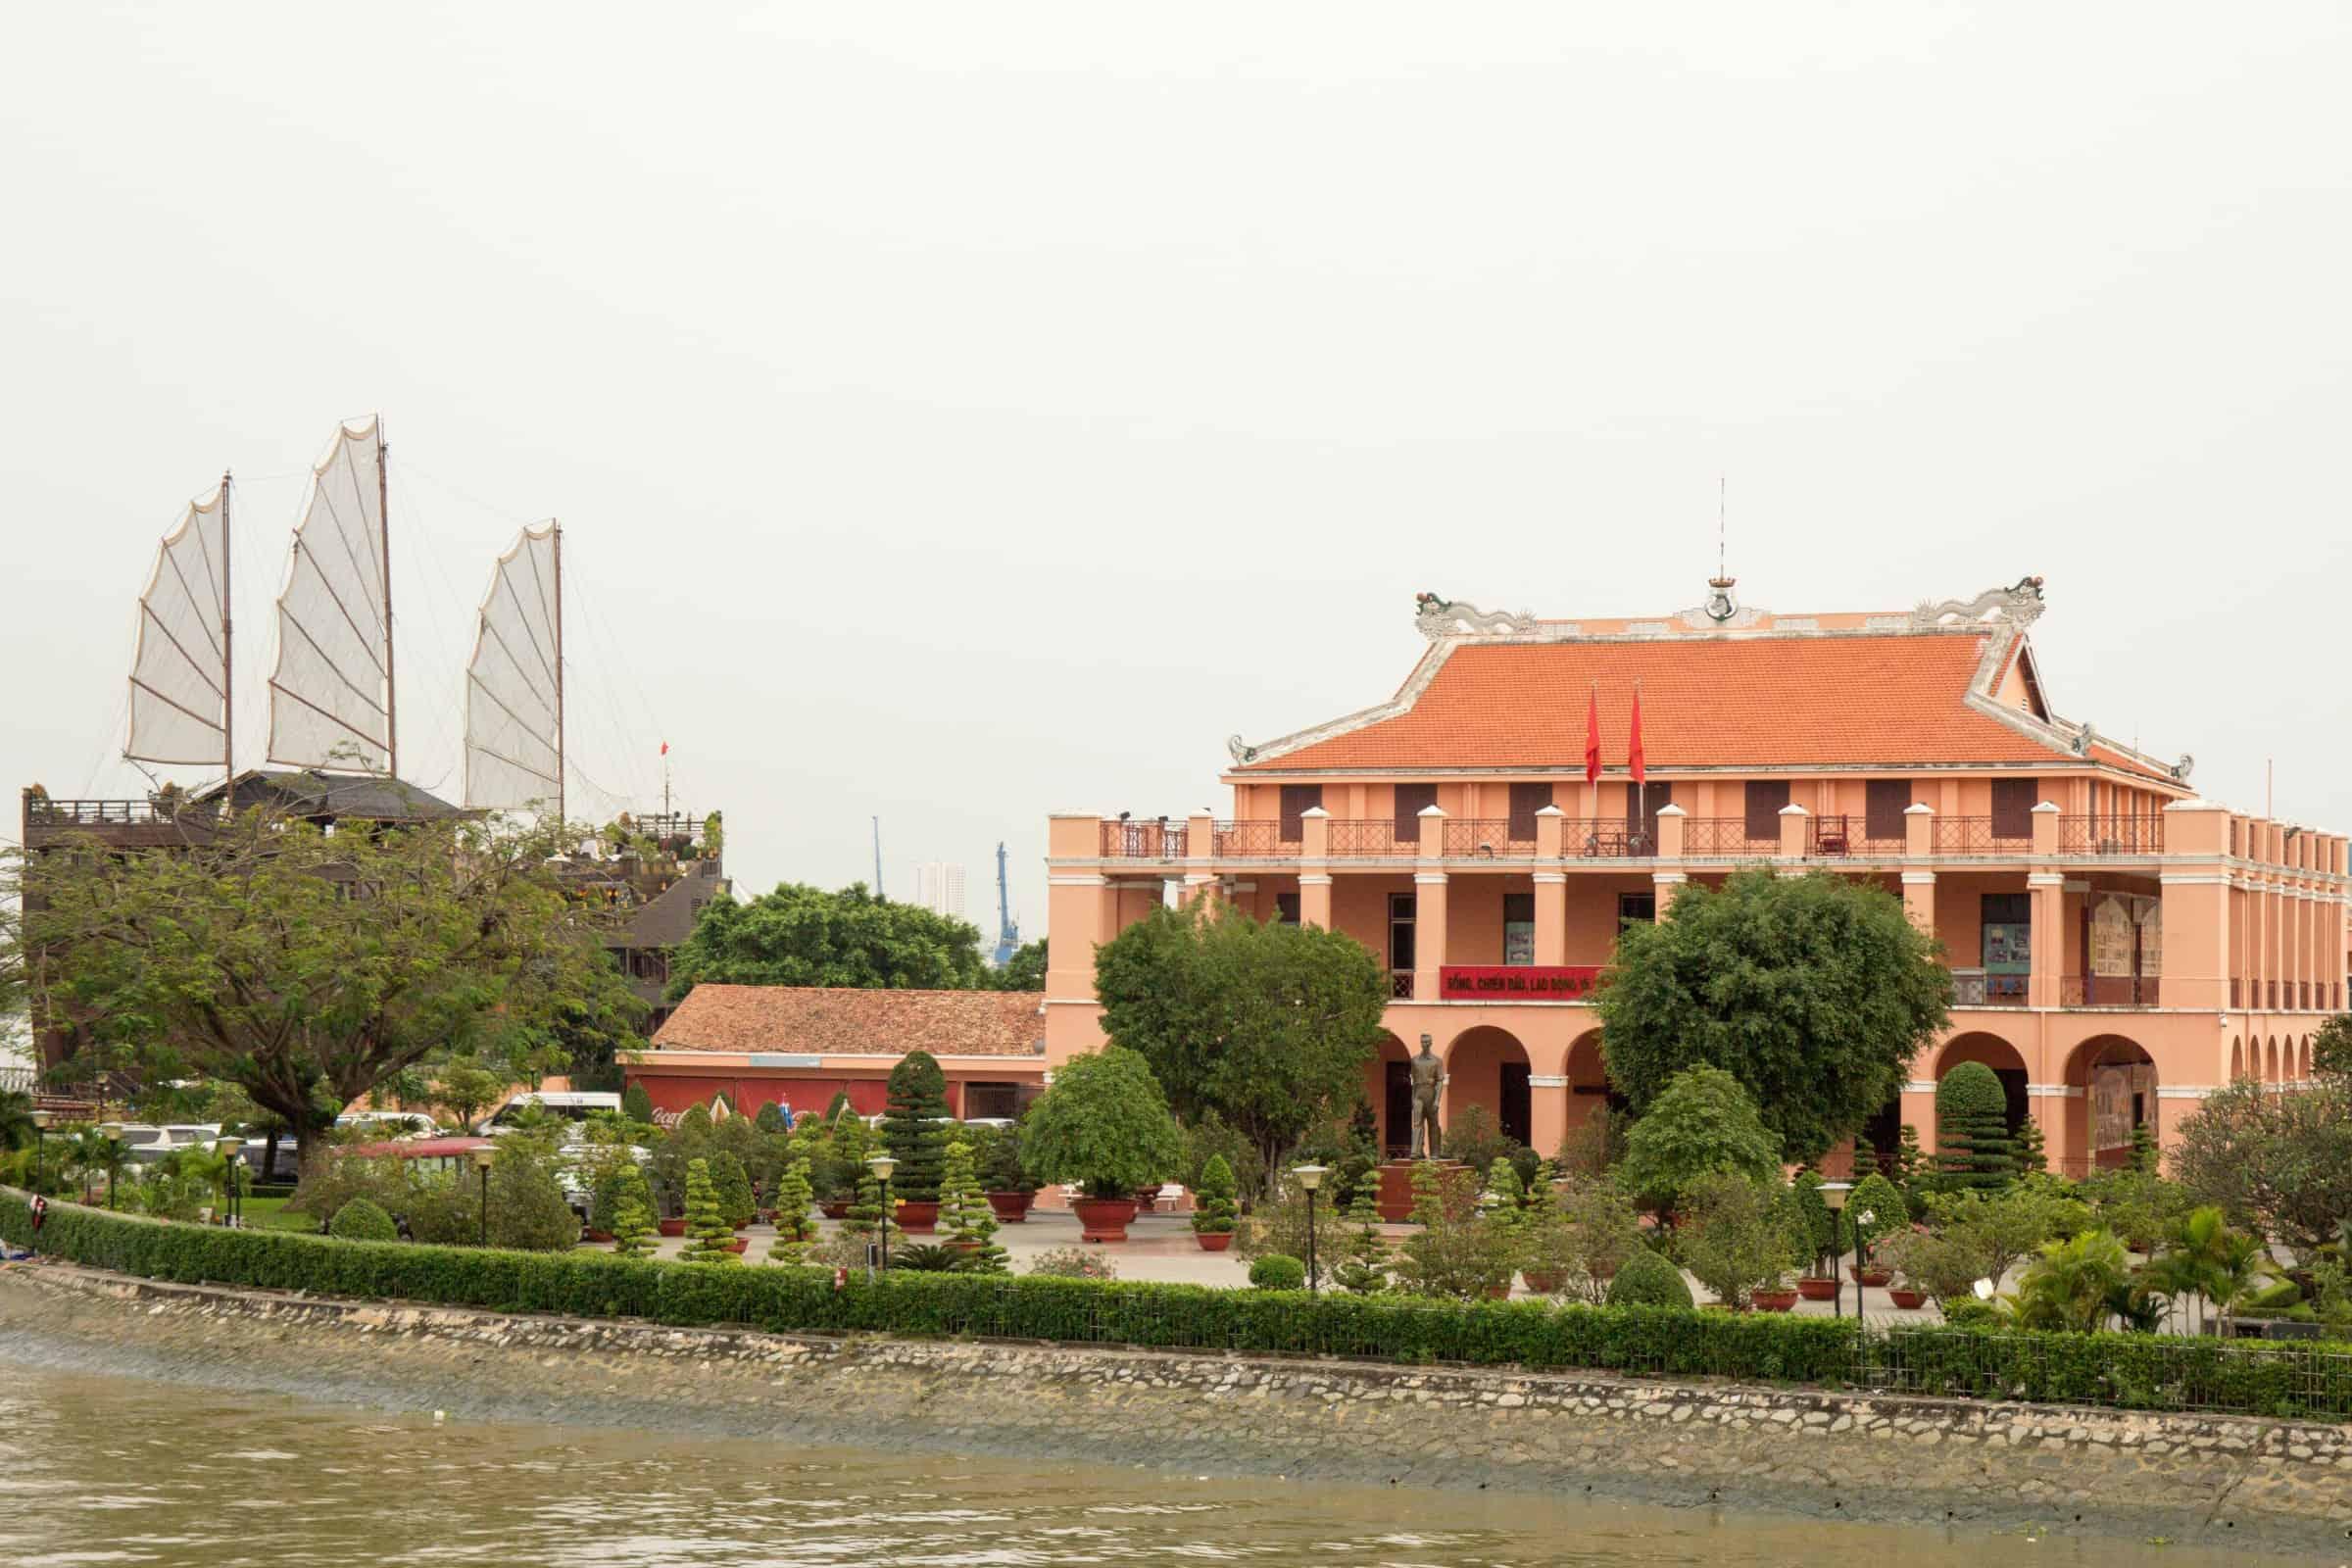 Ho Chi Minh museum near Saigon River